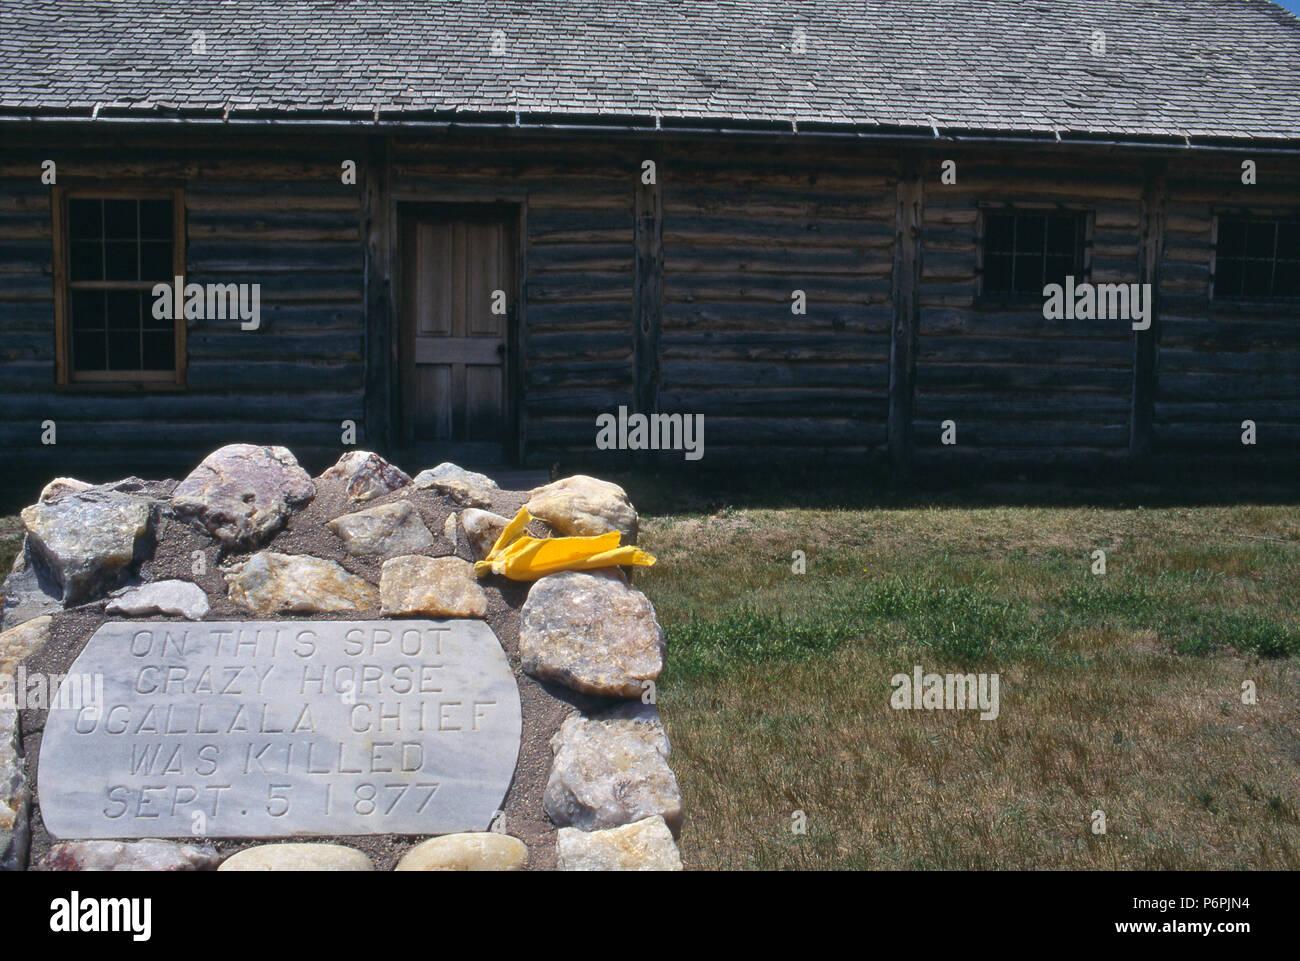 Chef Crazy Horse Memorial à l'endroit où il a été tué, Fort Robinson, New York. Photographie Photo Stock